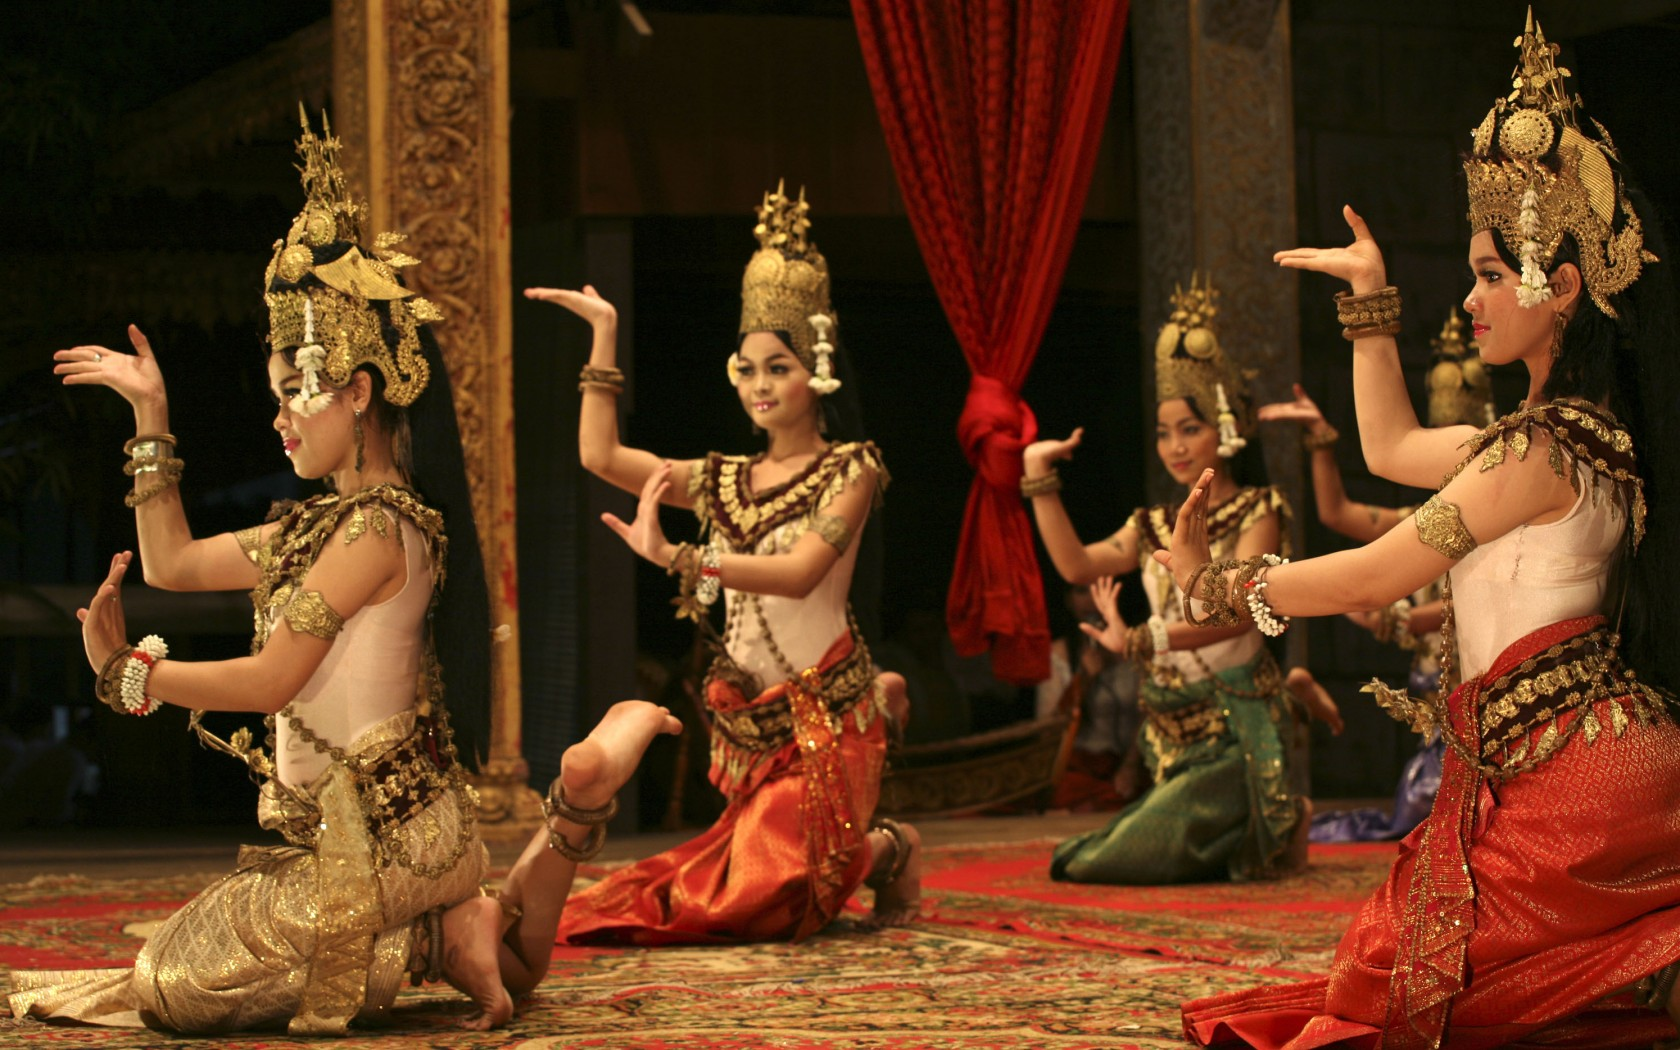 Khmer girl perform - 5 8